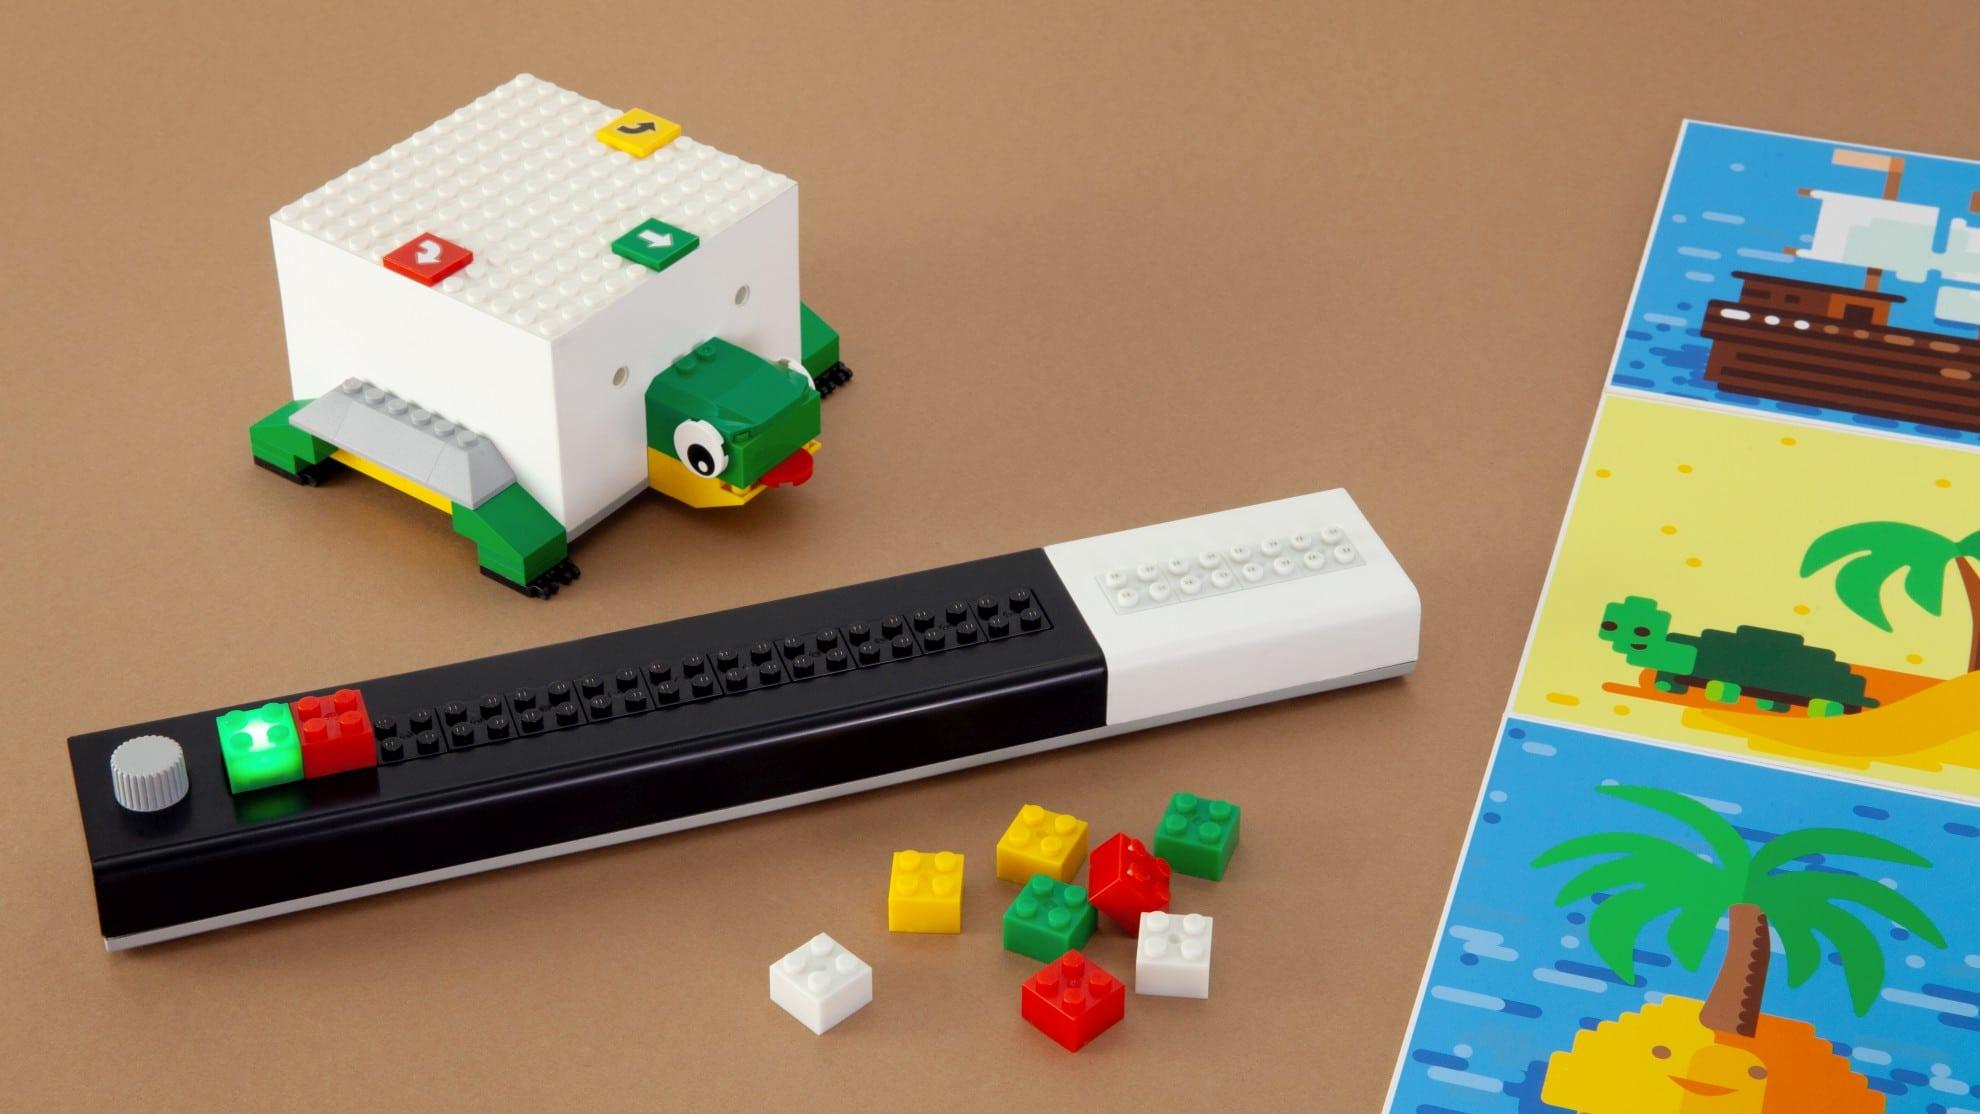 Lomo: Mit LEGO-Bausteinen spielerisch Programmieren lernen